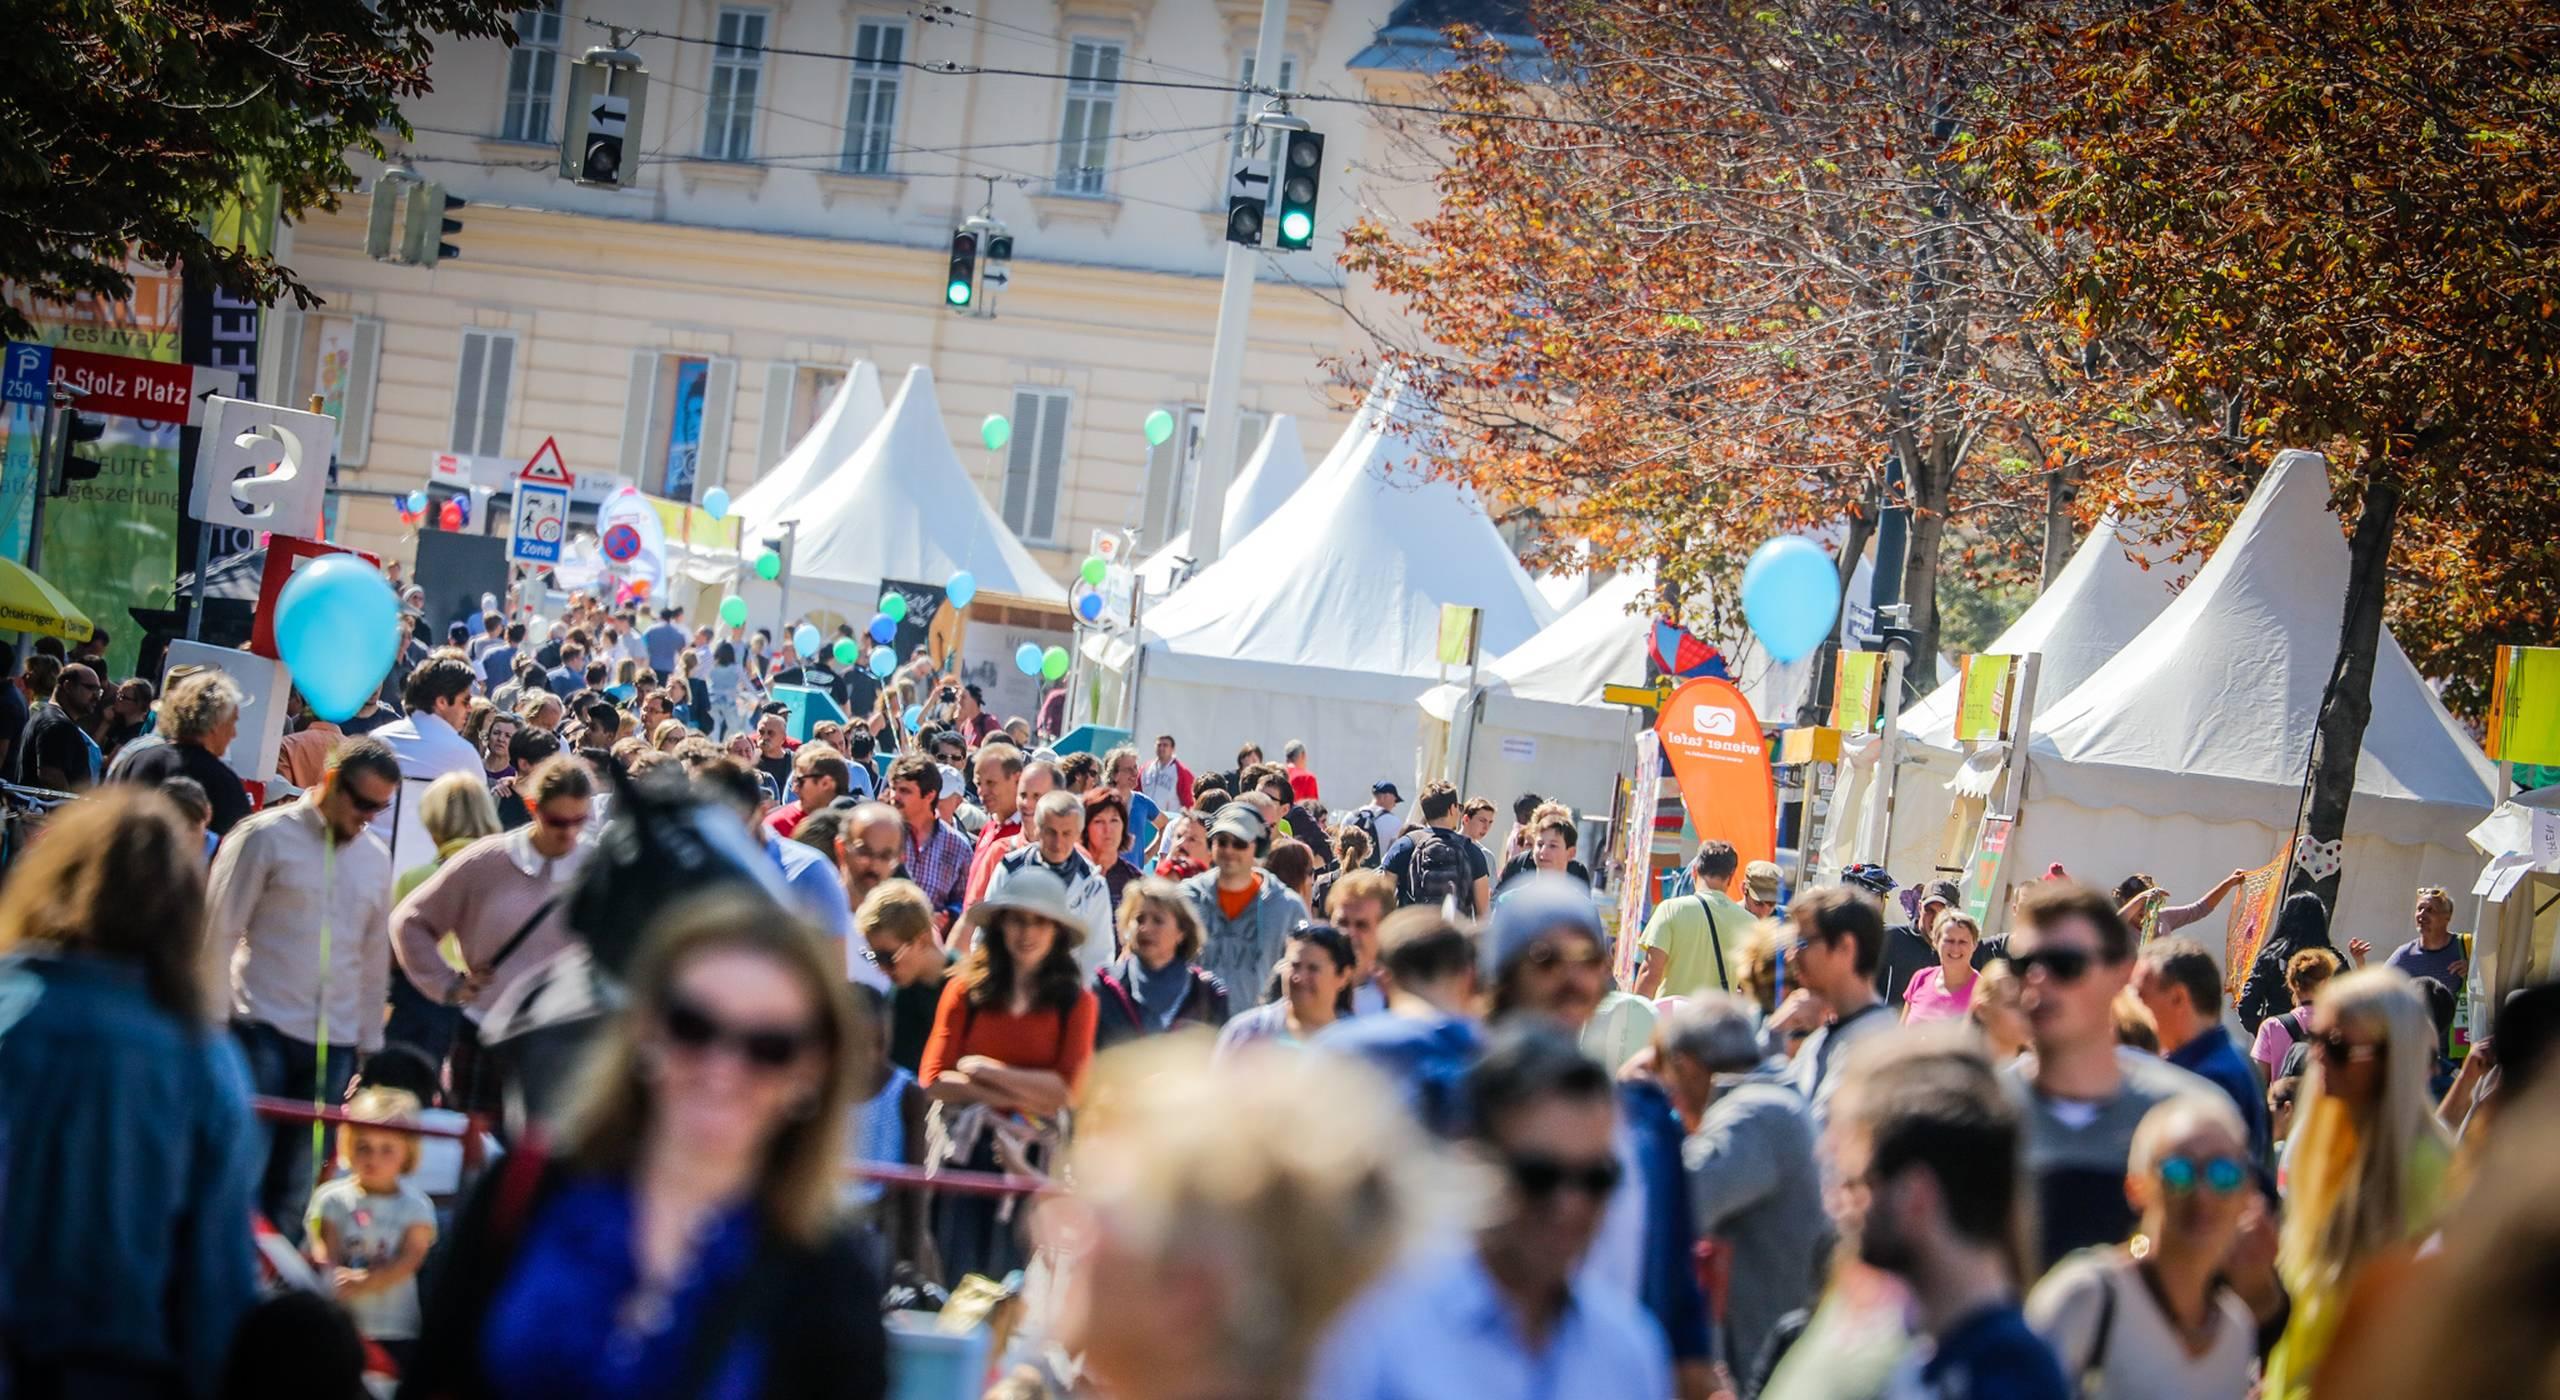 Hunderte Menschen beim Streetlife Festival in der Babenbergerstraße